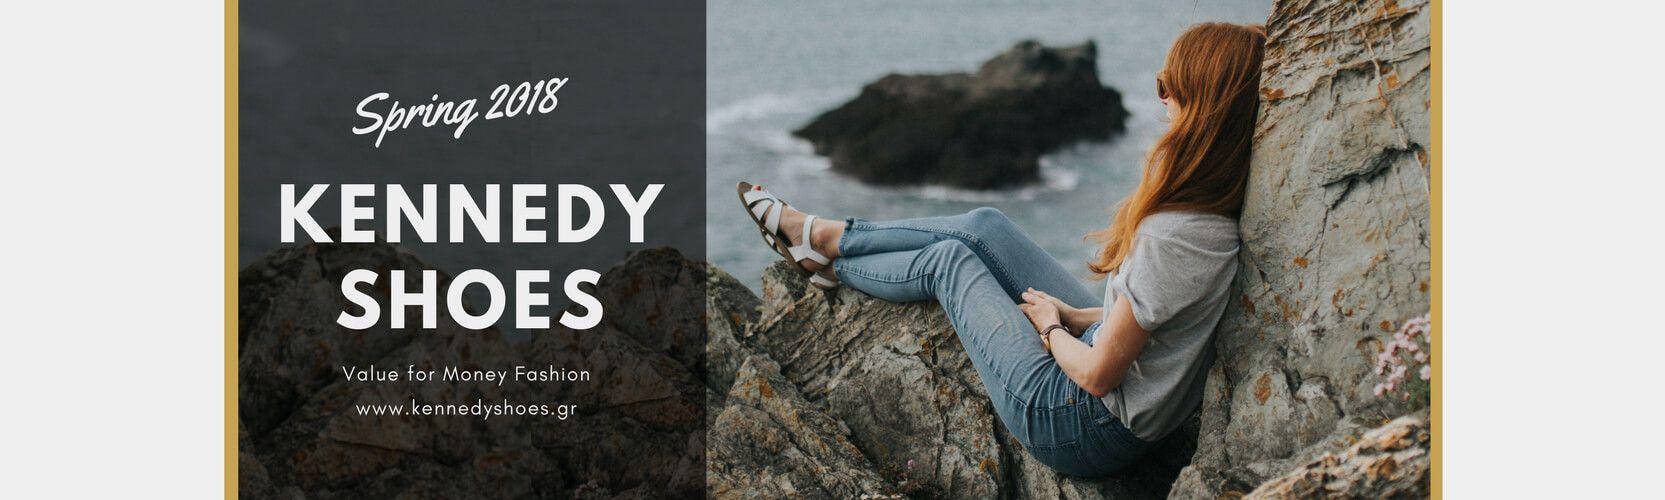 γυναικεια παπουτσια - πεδιλα - σανδαλια ανοιξη 2018 kennedy shoes